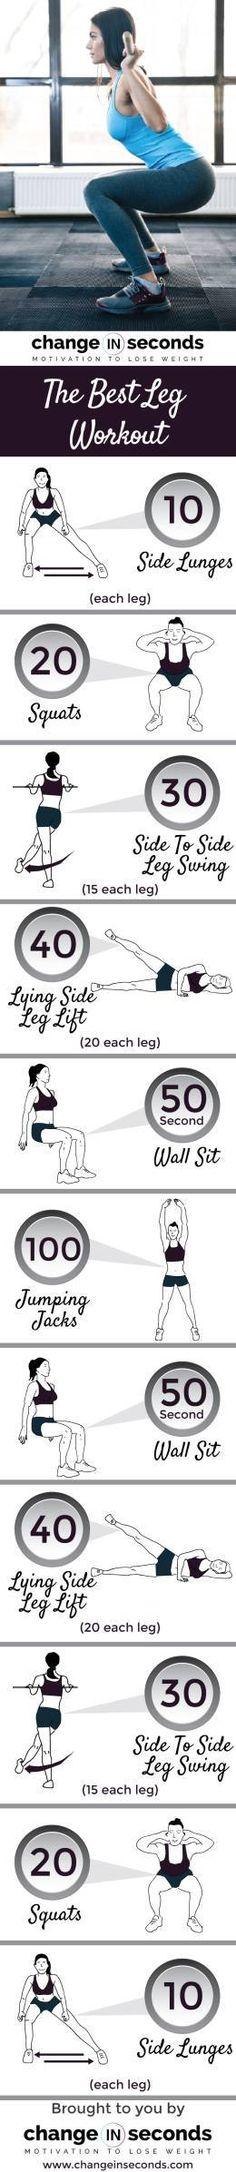 The Best Leg Workout